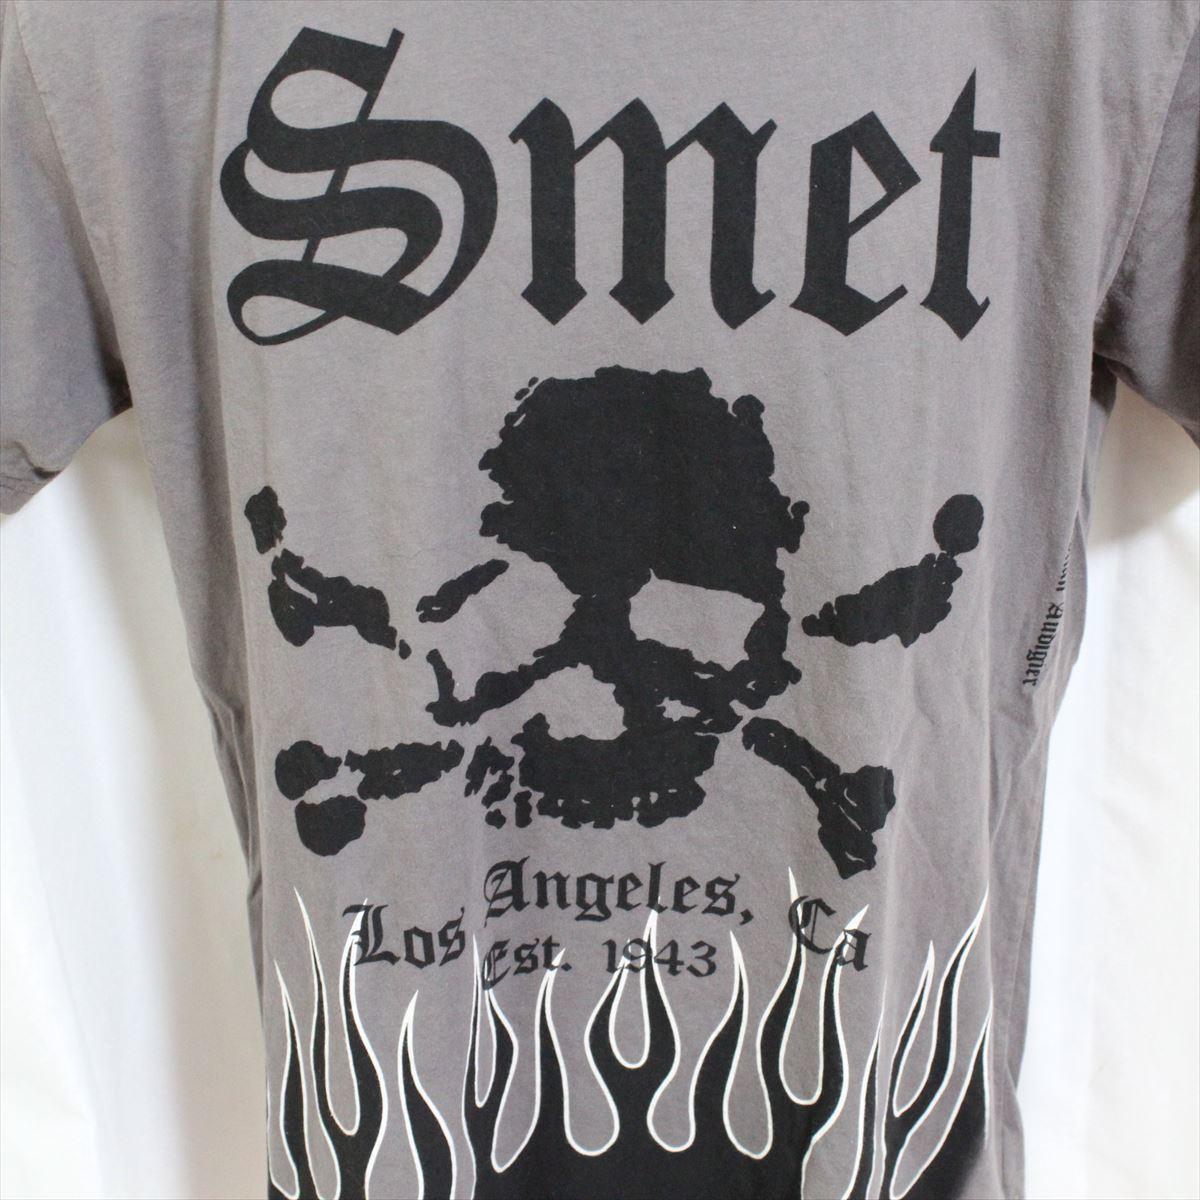 スメット SMET メンズ半袖Tシャツ グレー Lサイズ NO1 新品_画像2